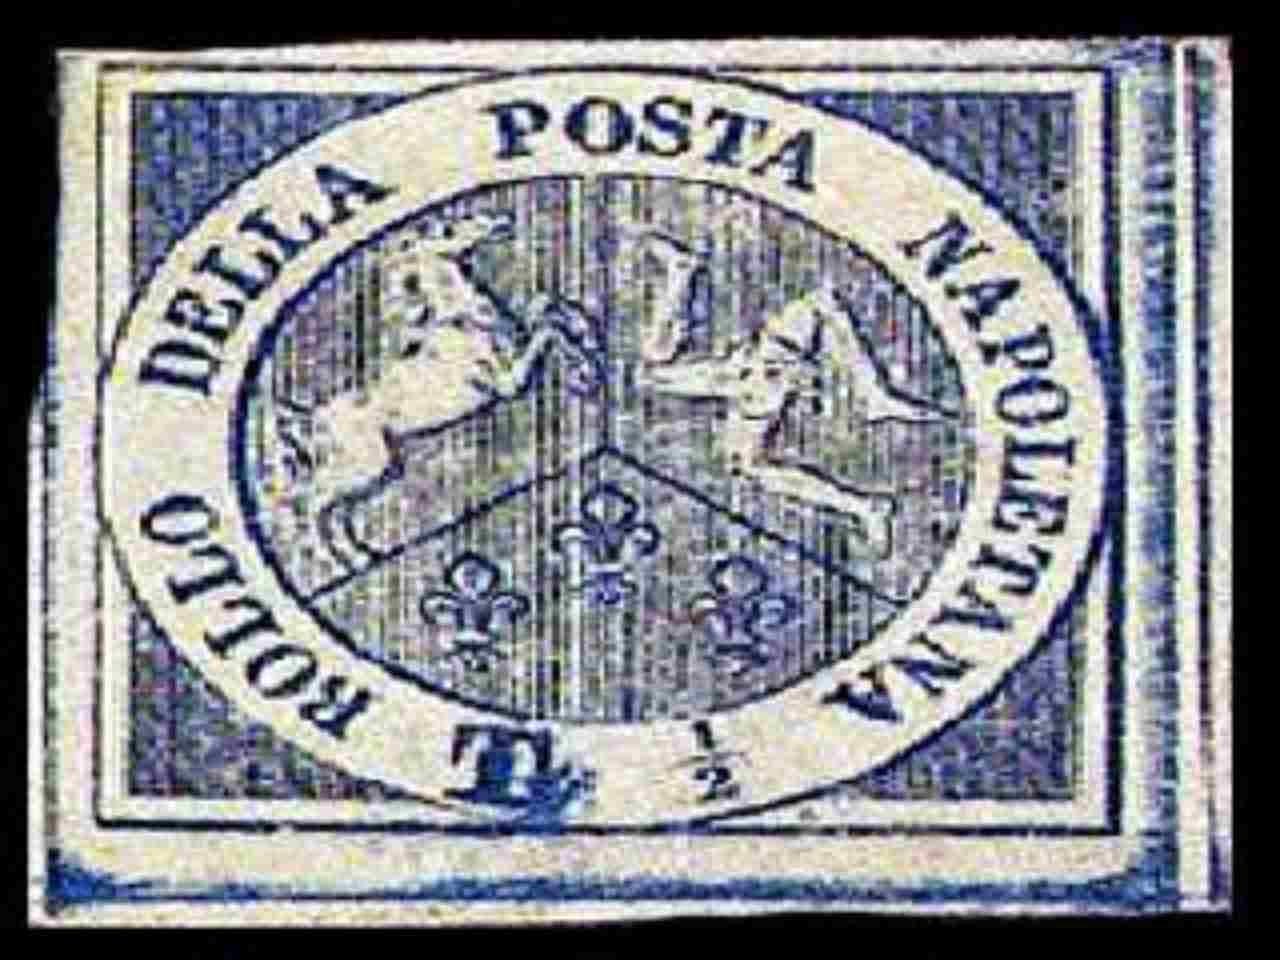 Possiedi uno di questi francobolli? Ritieniti ricco